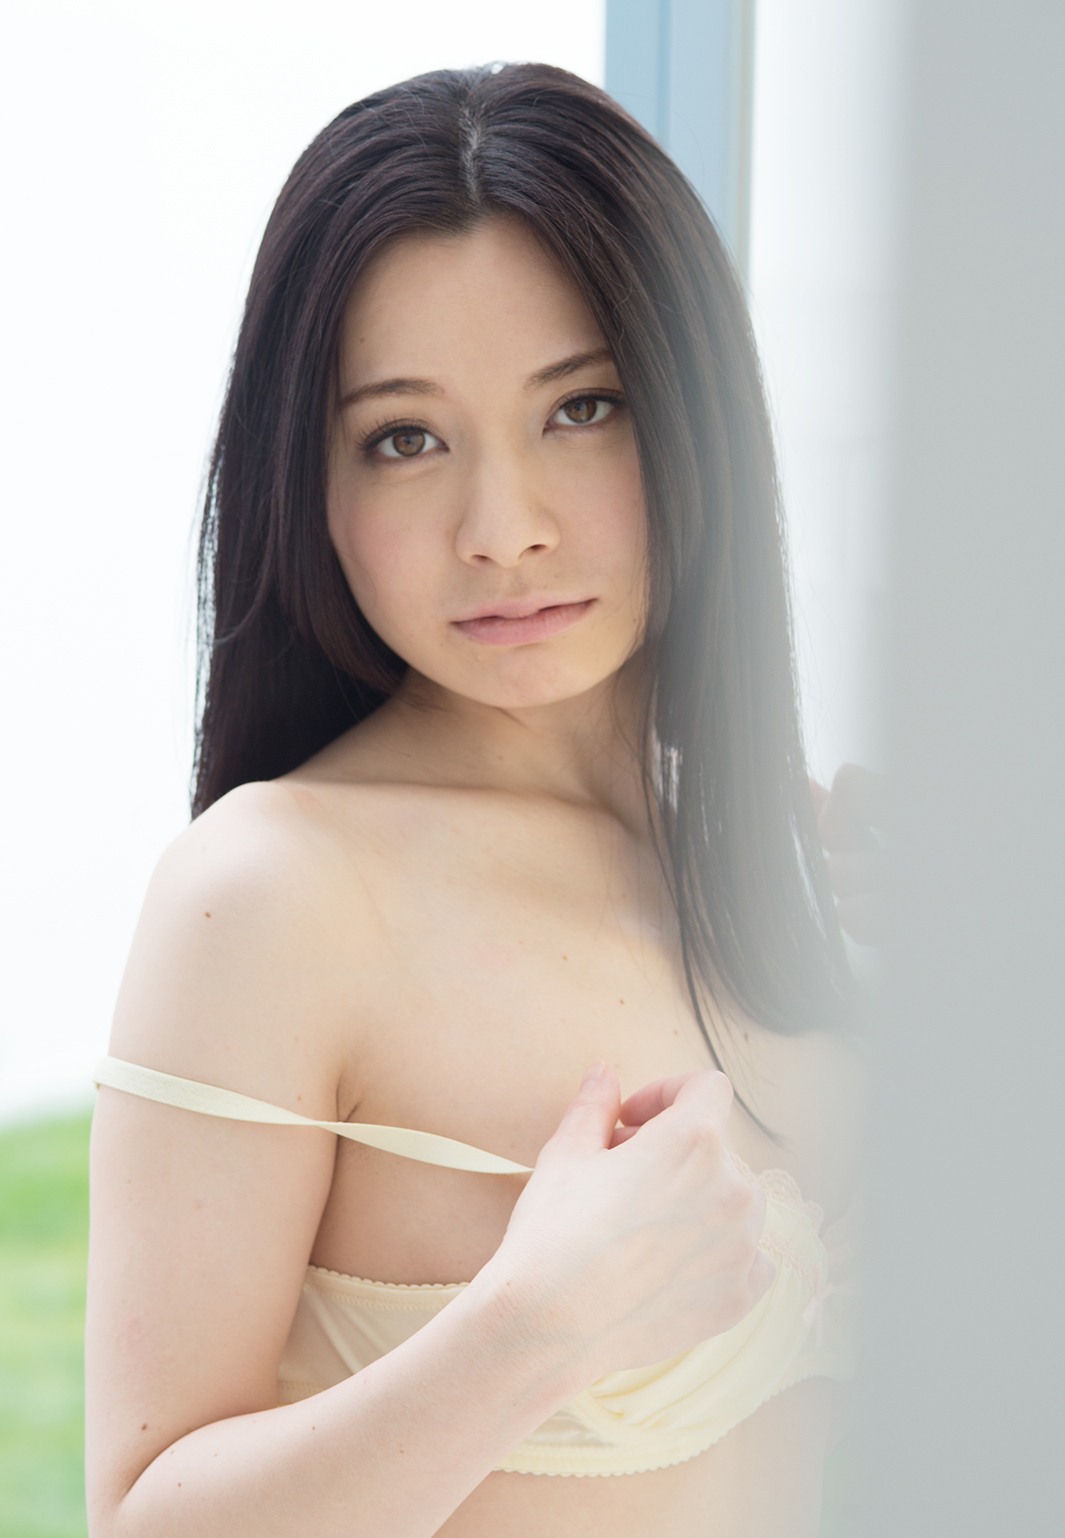 庵野杏 画像 22